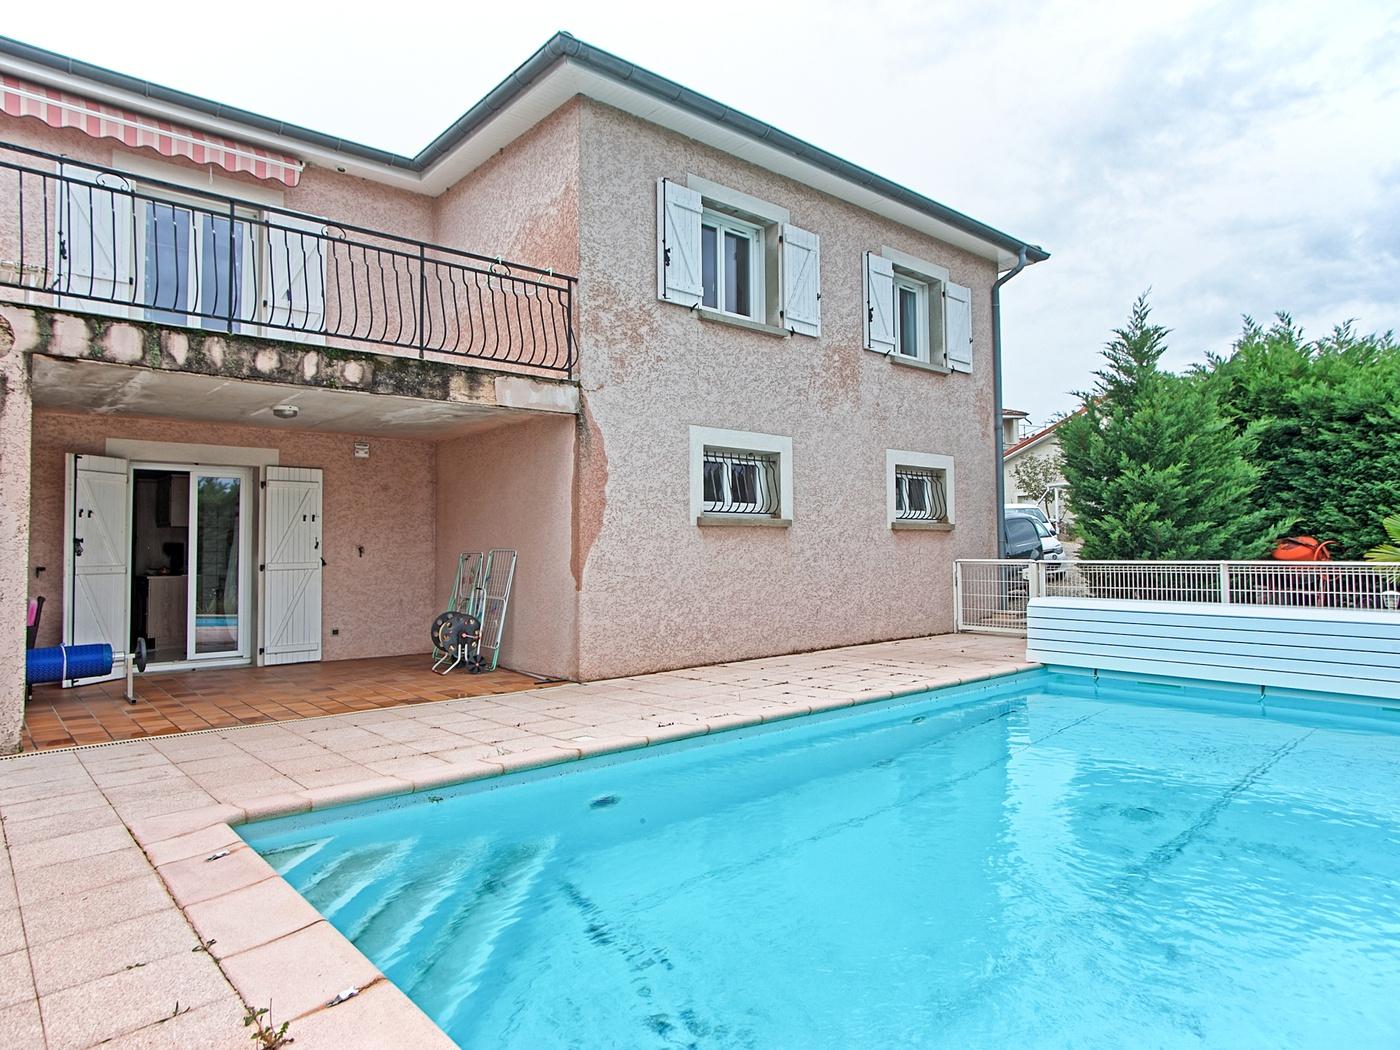 Achat Maison 160 M2 Givors (69700), 5 Pièces intérieur Piscine De Givors